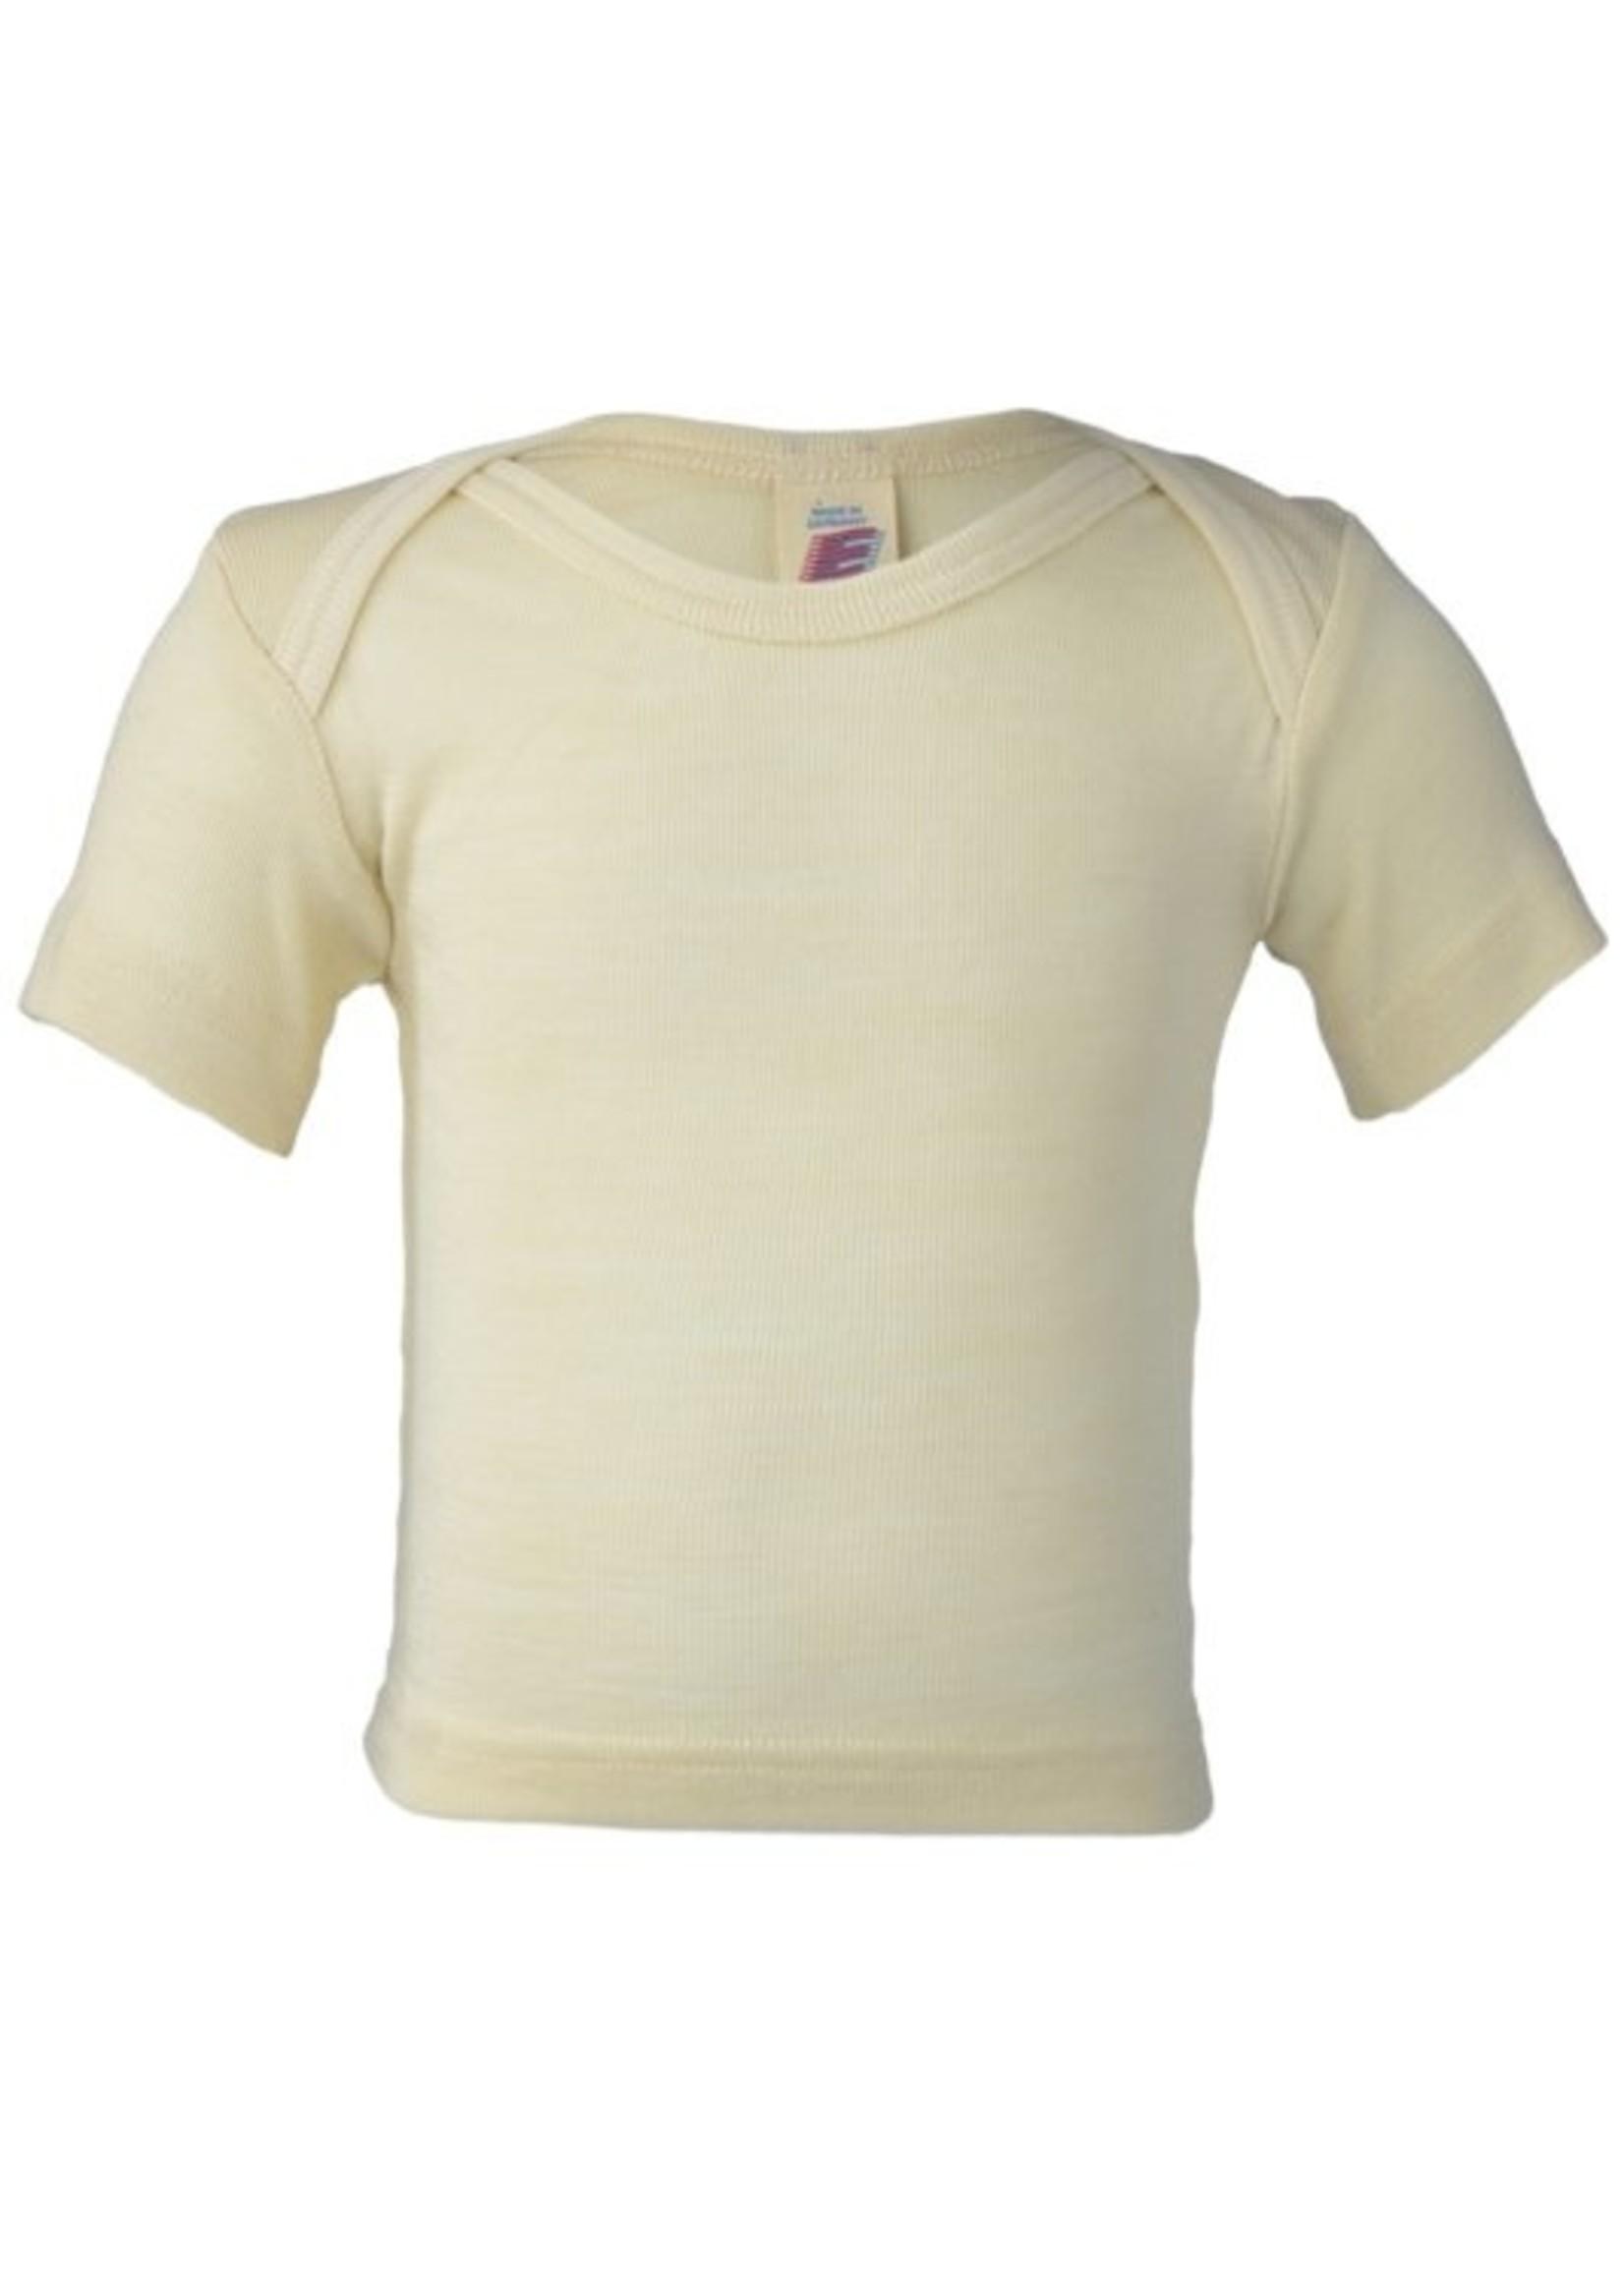 Engel Natur Wol/zijde baby shirt met korte mouw